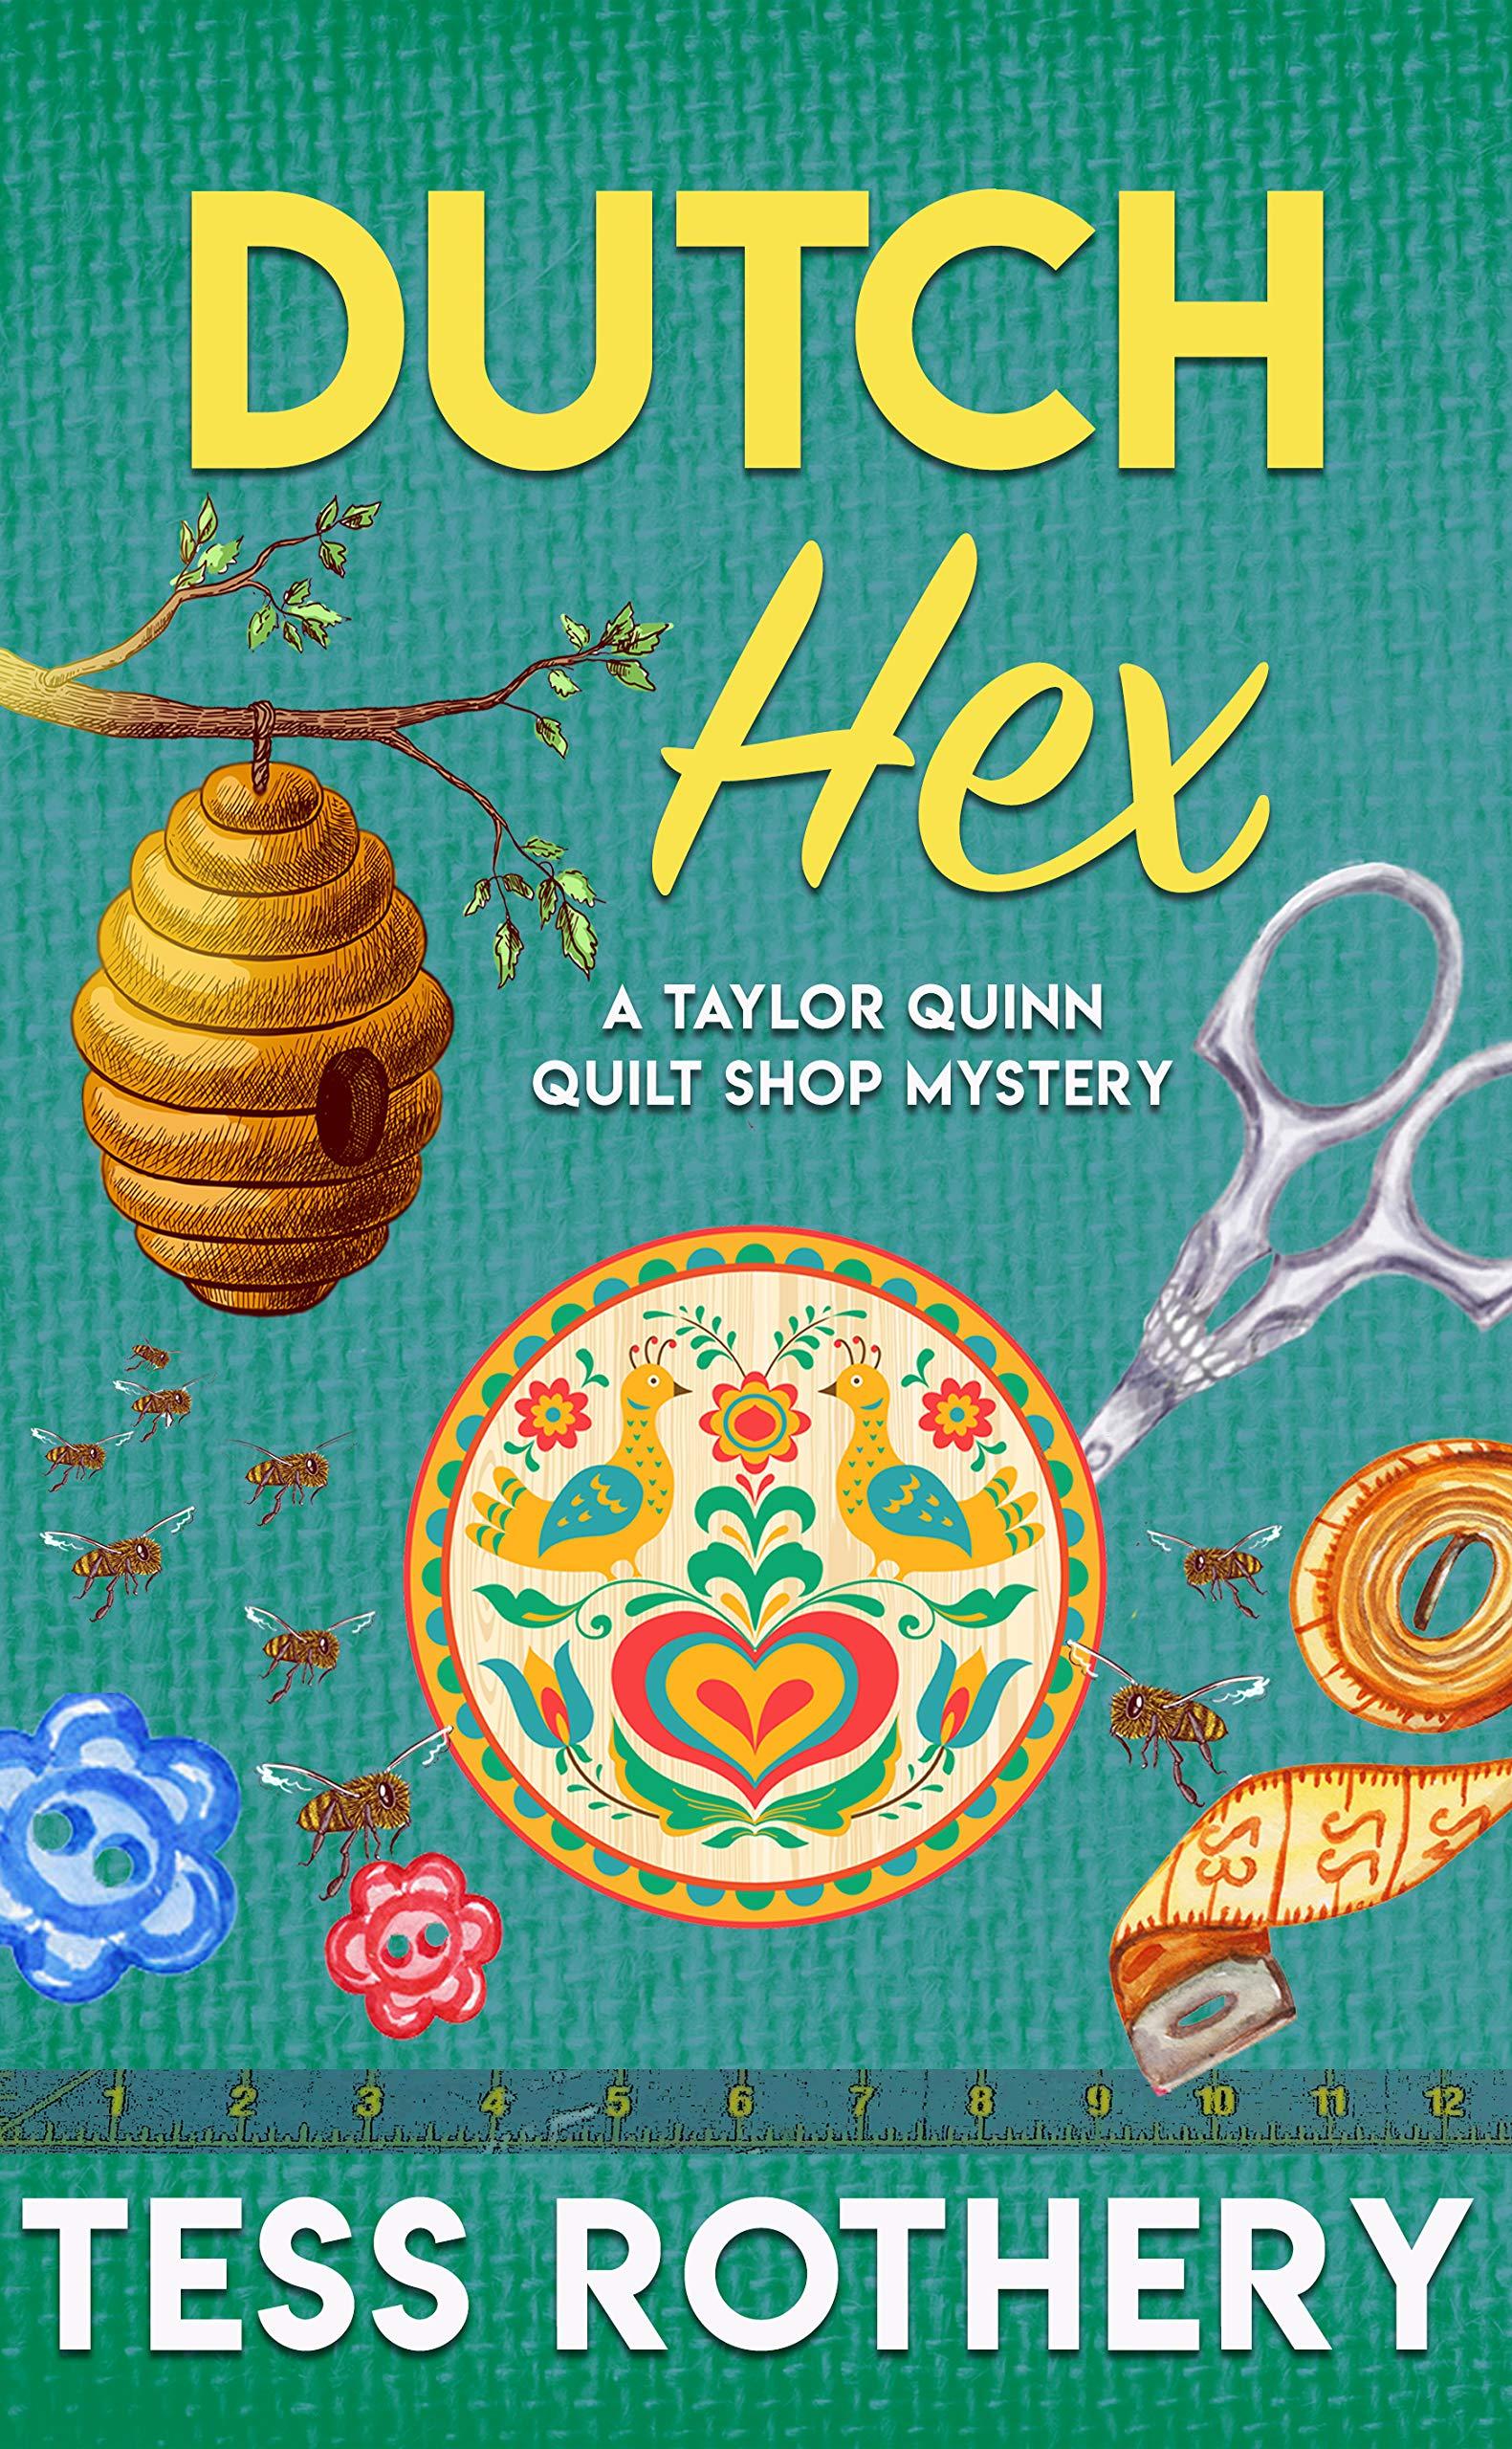 Dutch Hex: A Taylor Quinn Quilt Shop Mystery